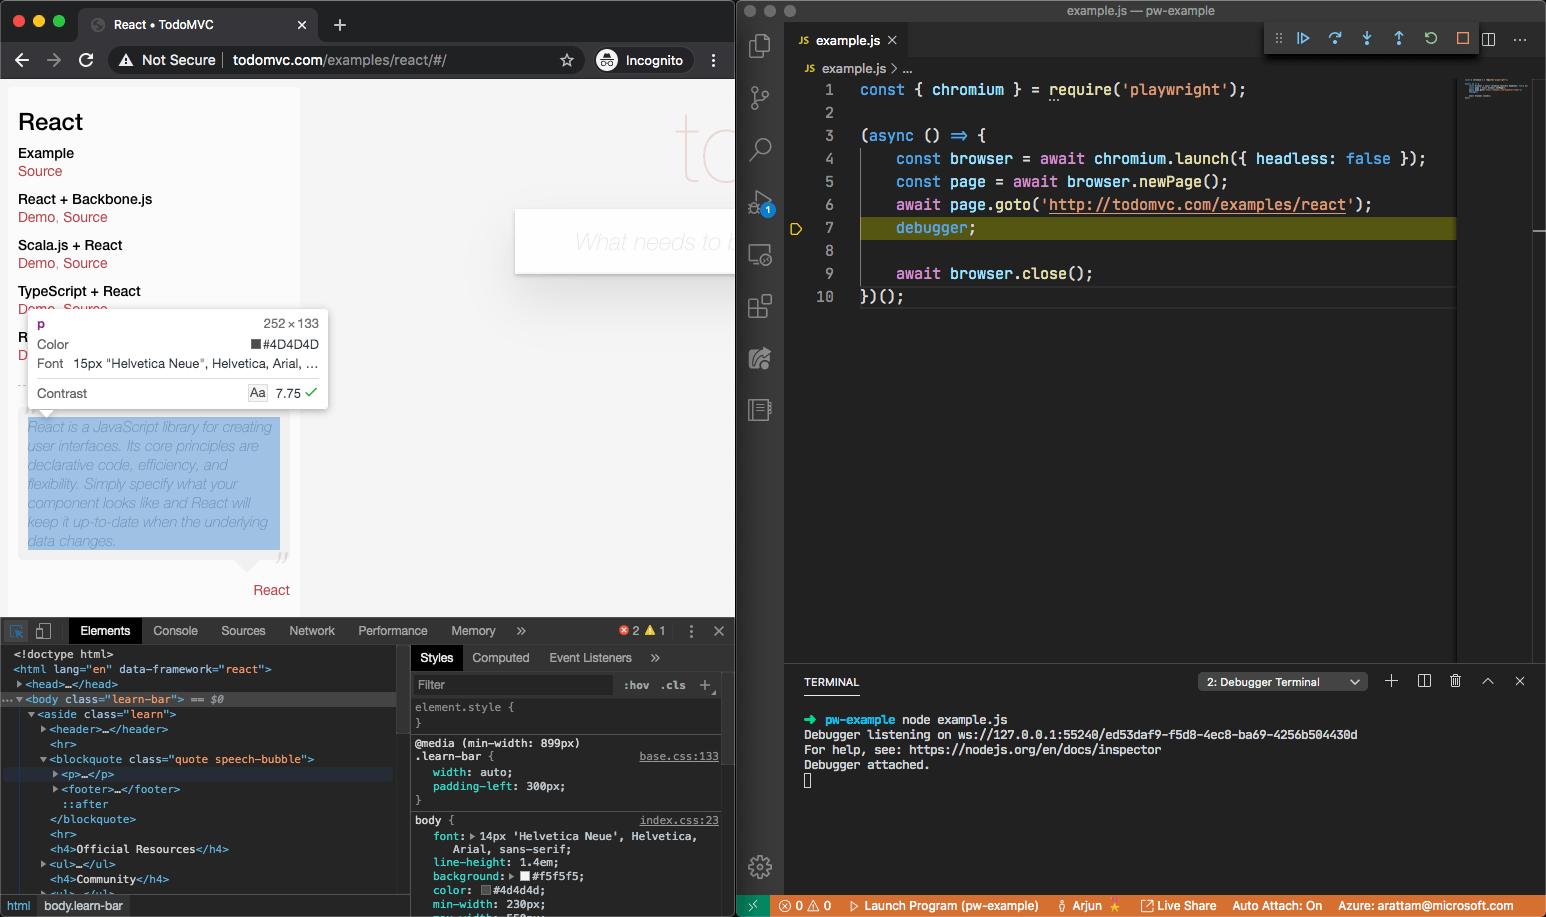 Chromium Developer Tools